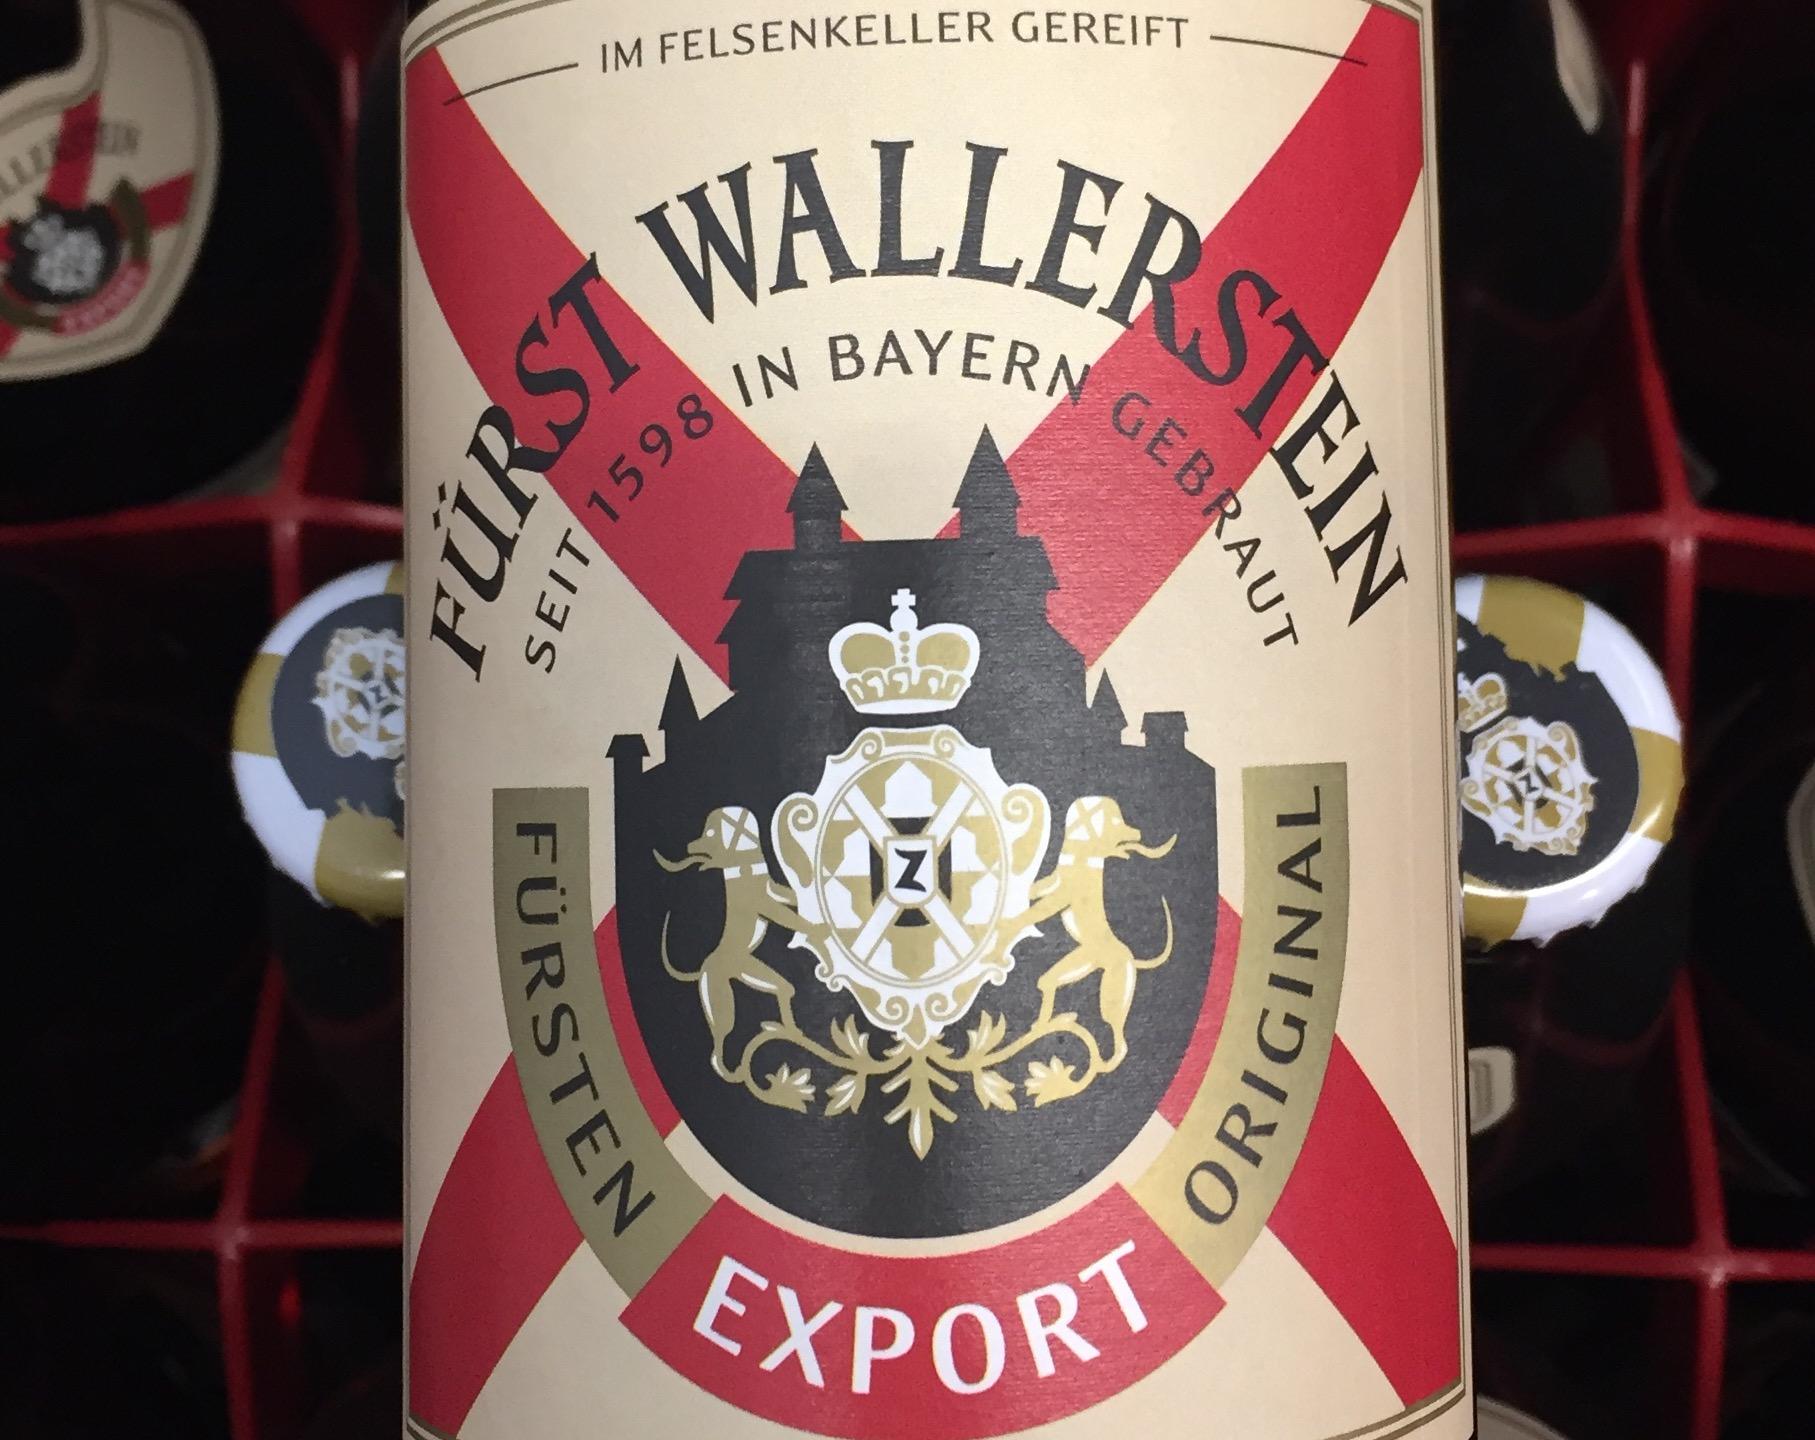 Fürst Wallenstein - Export